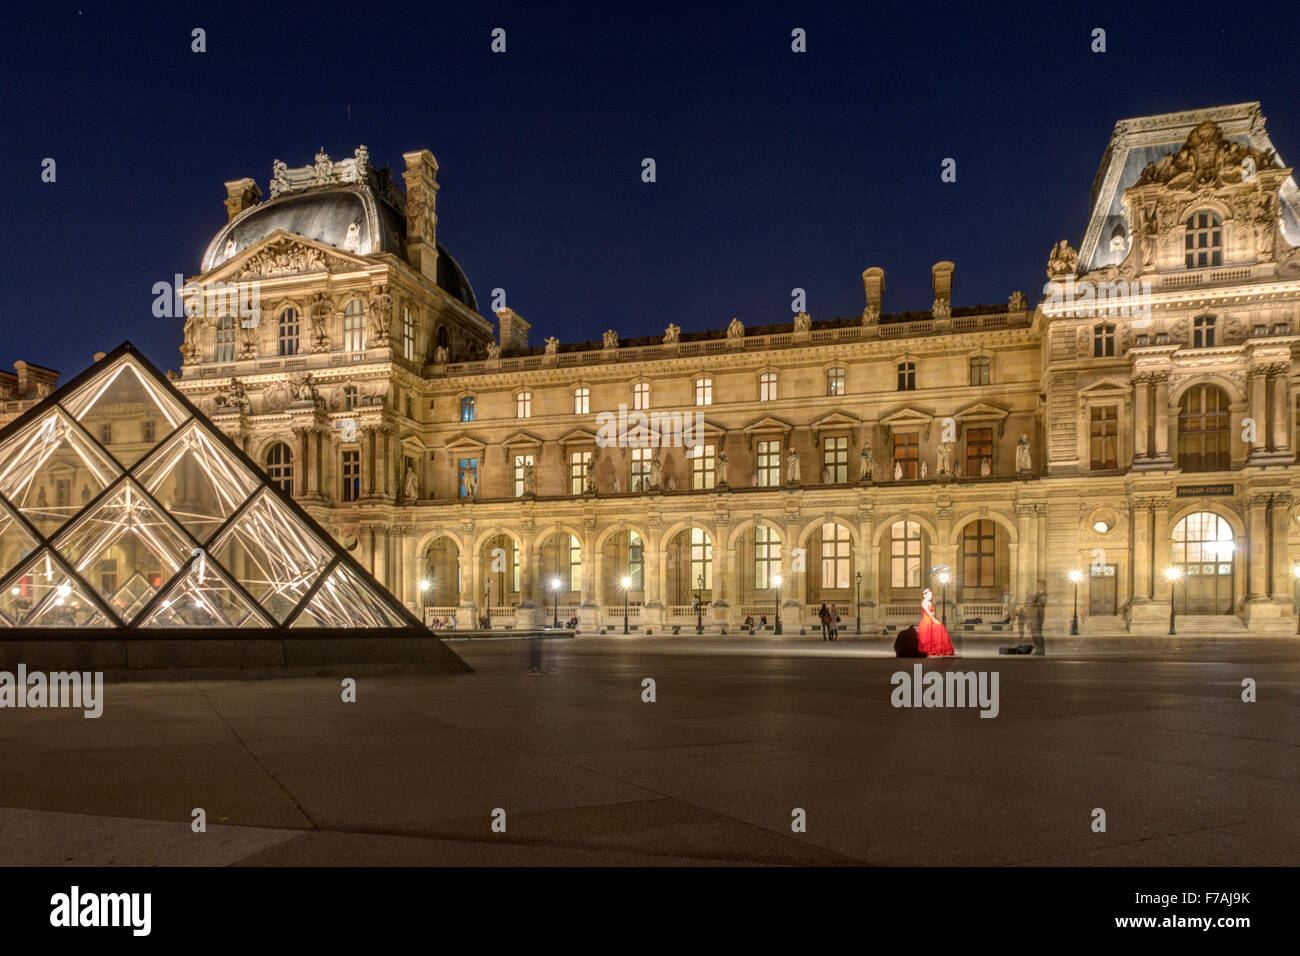 The Louvre Paris - Stock Image